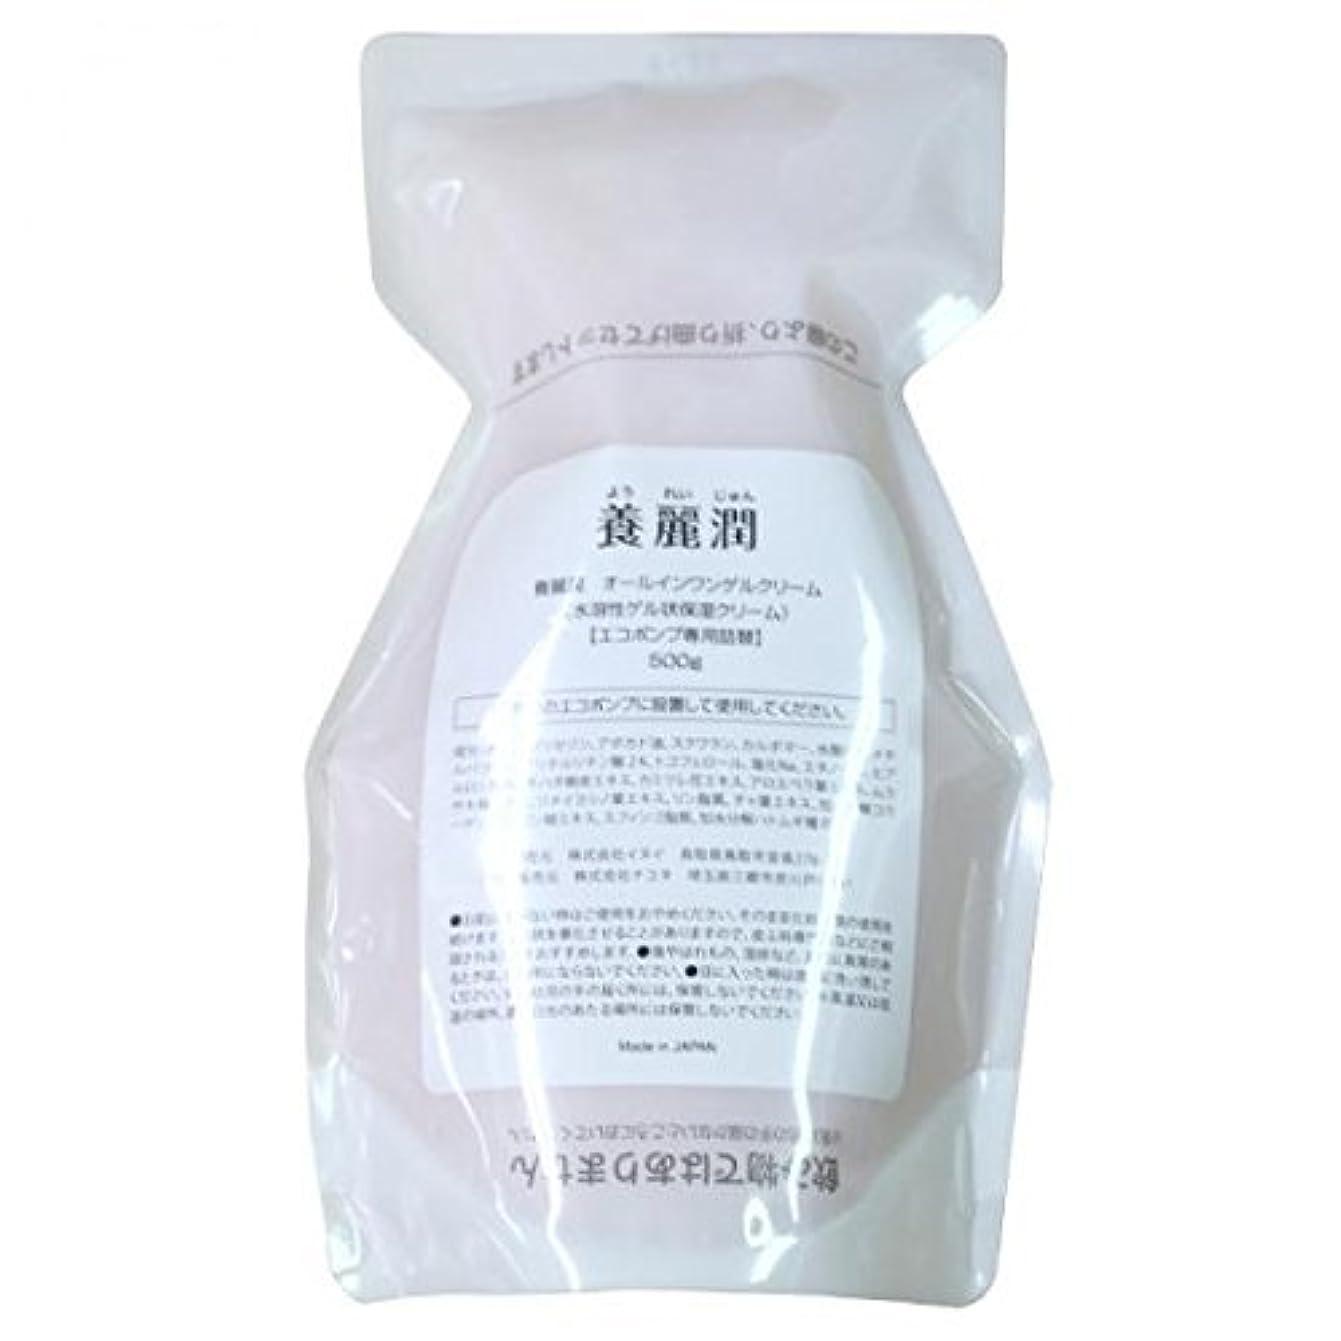 条件付きバリア豪華な養麗潤(ようれいじゅん) 詰め替え用500g